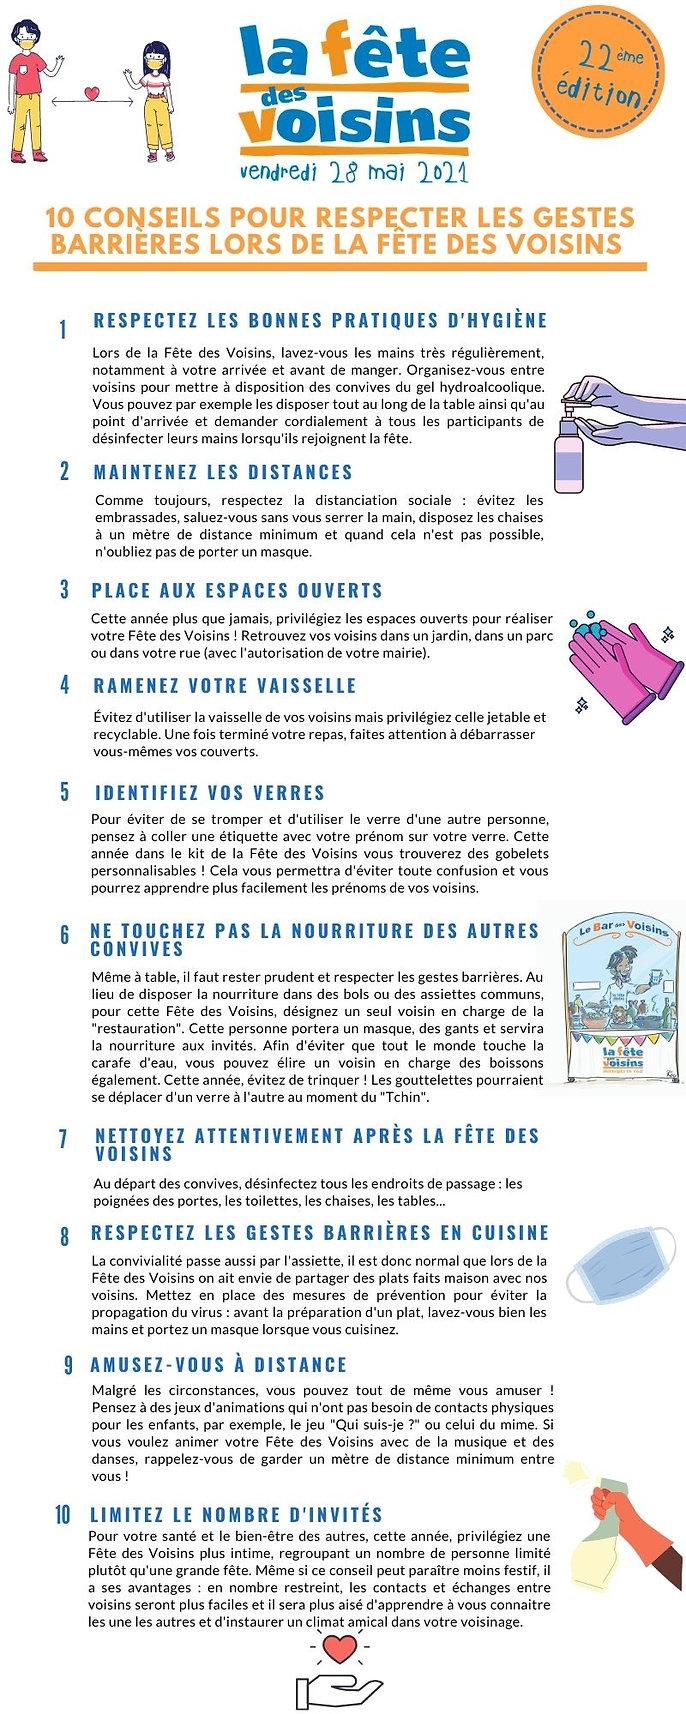 10 Conseils gestes barrières 28 mai 2021